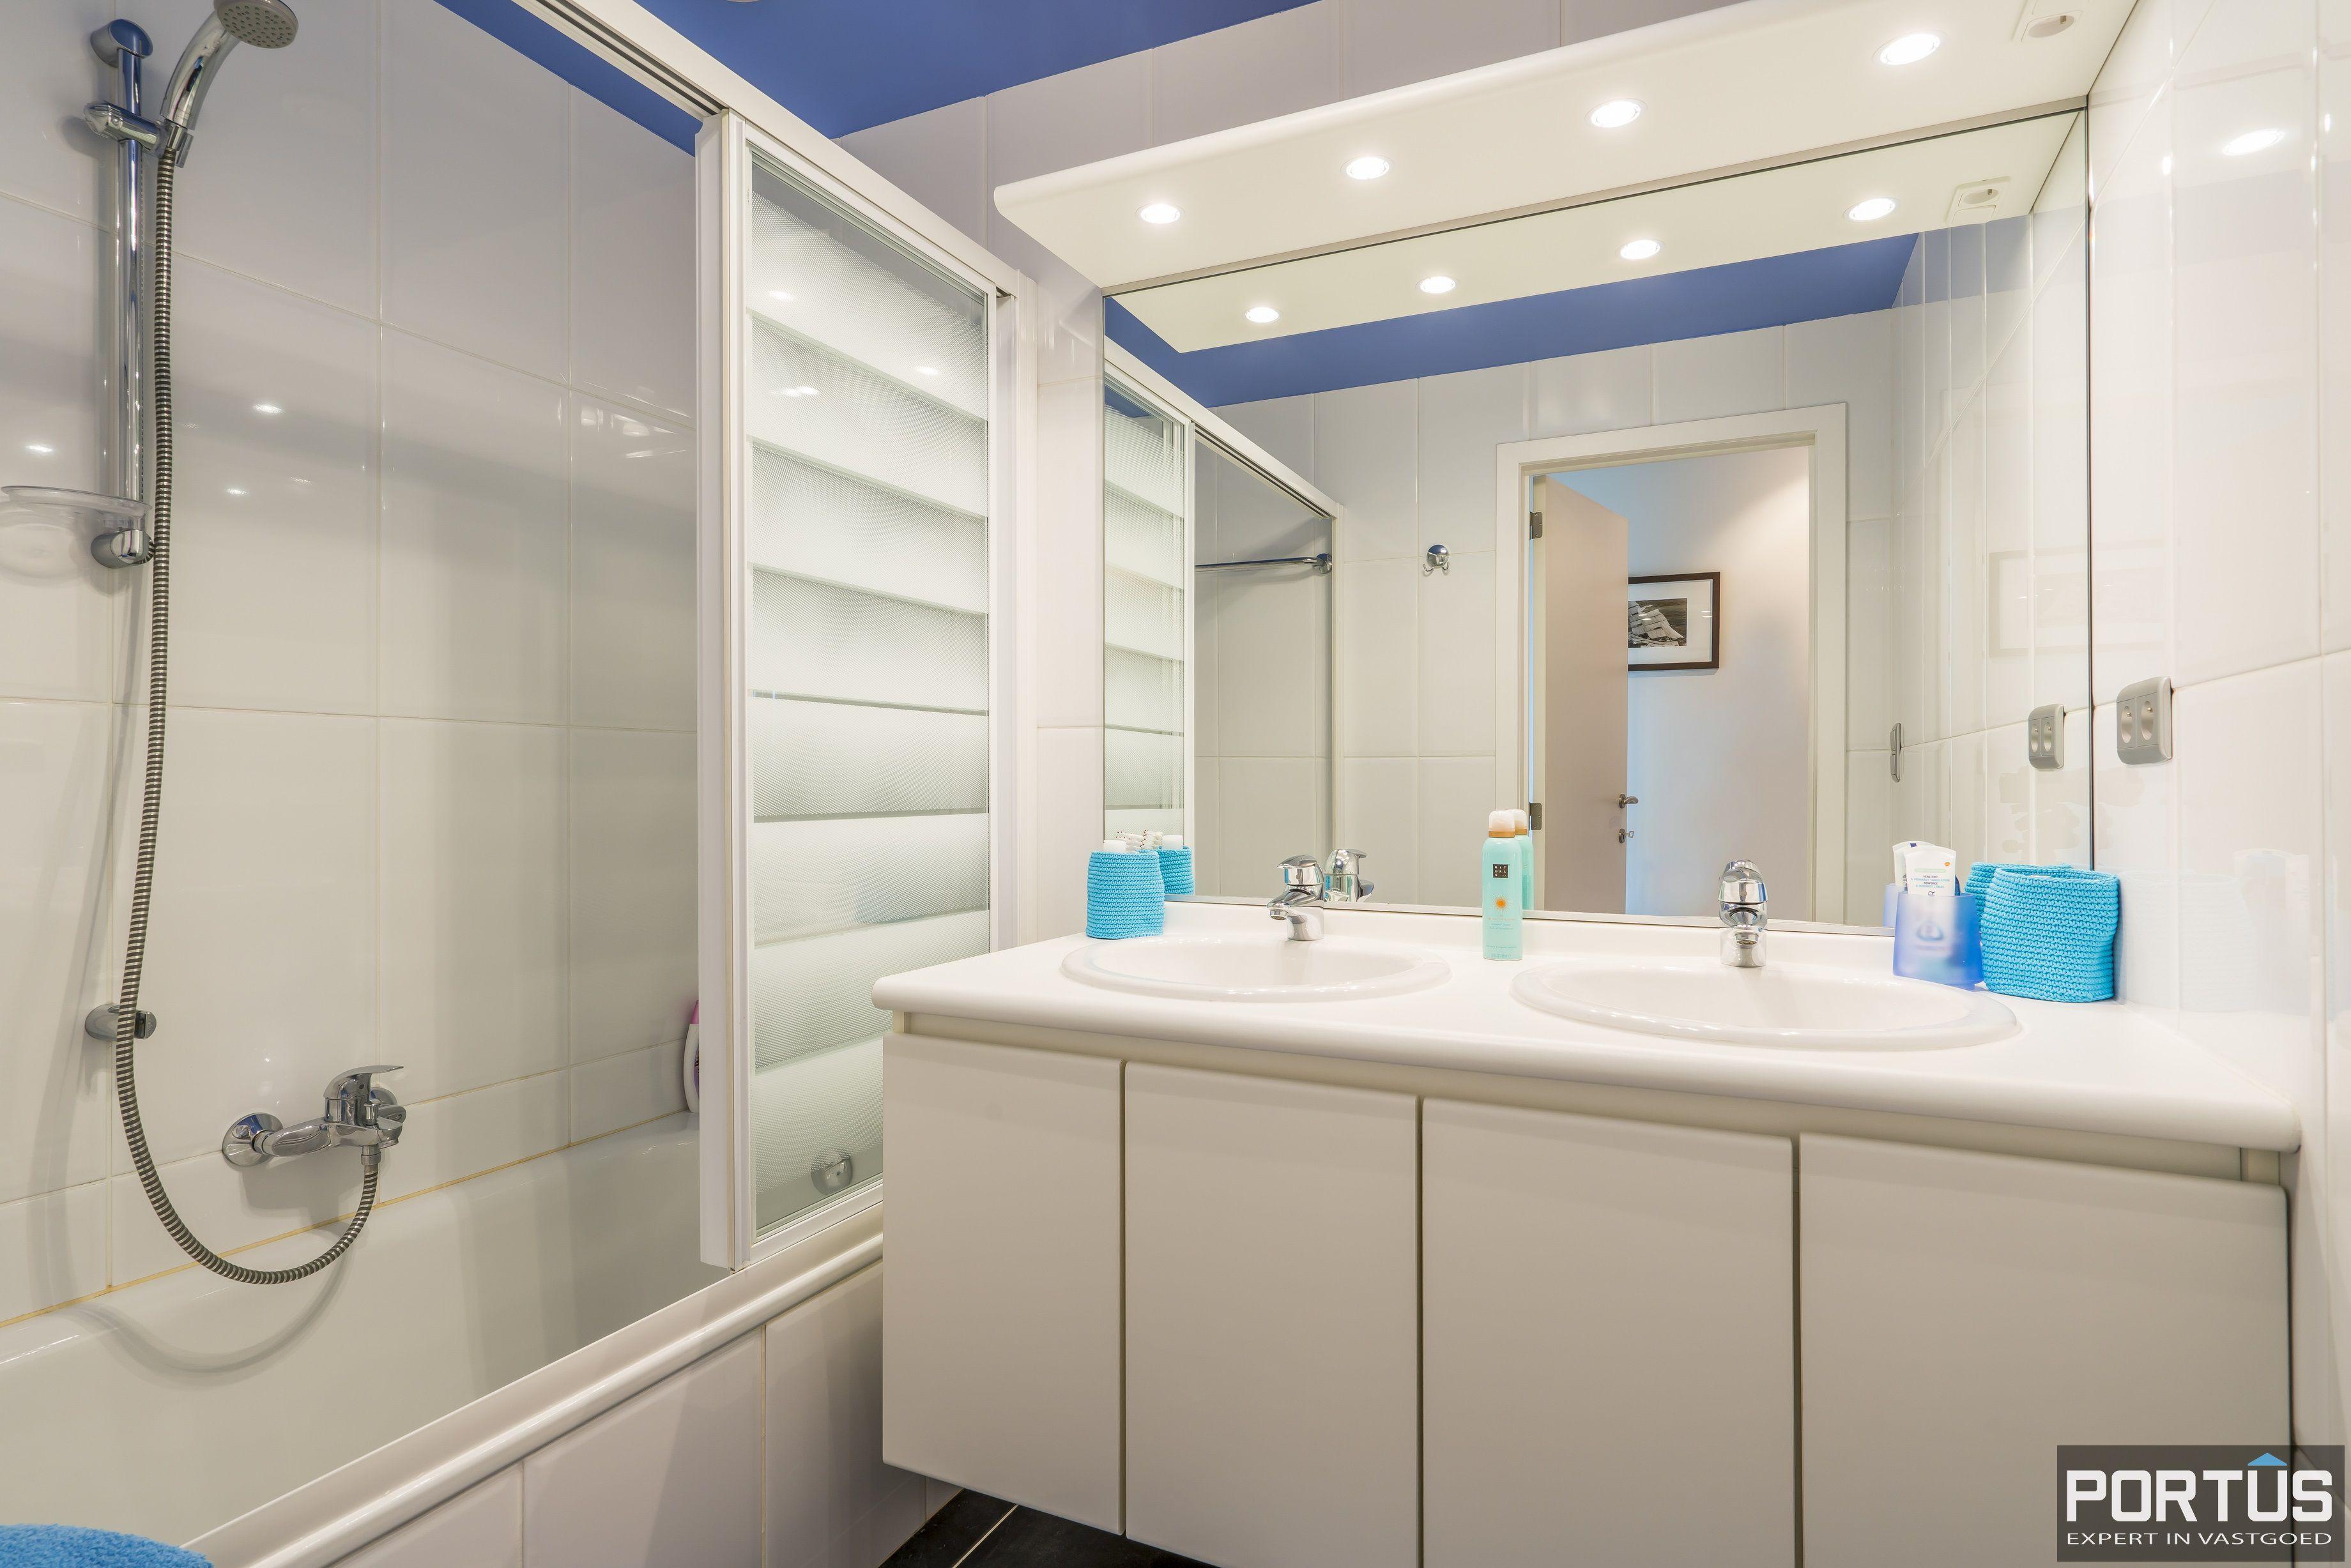 Instapklaar zongericht appartement met 2 slaapkamers te koop - 11513